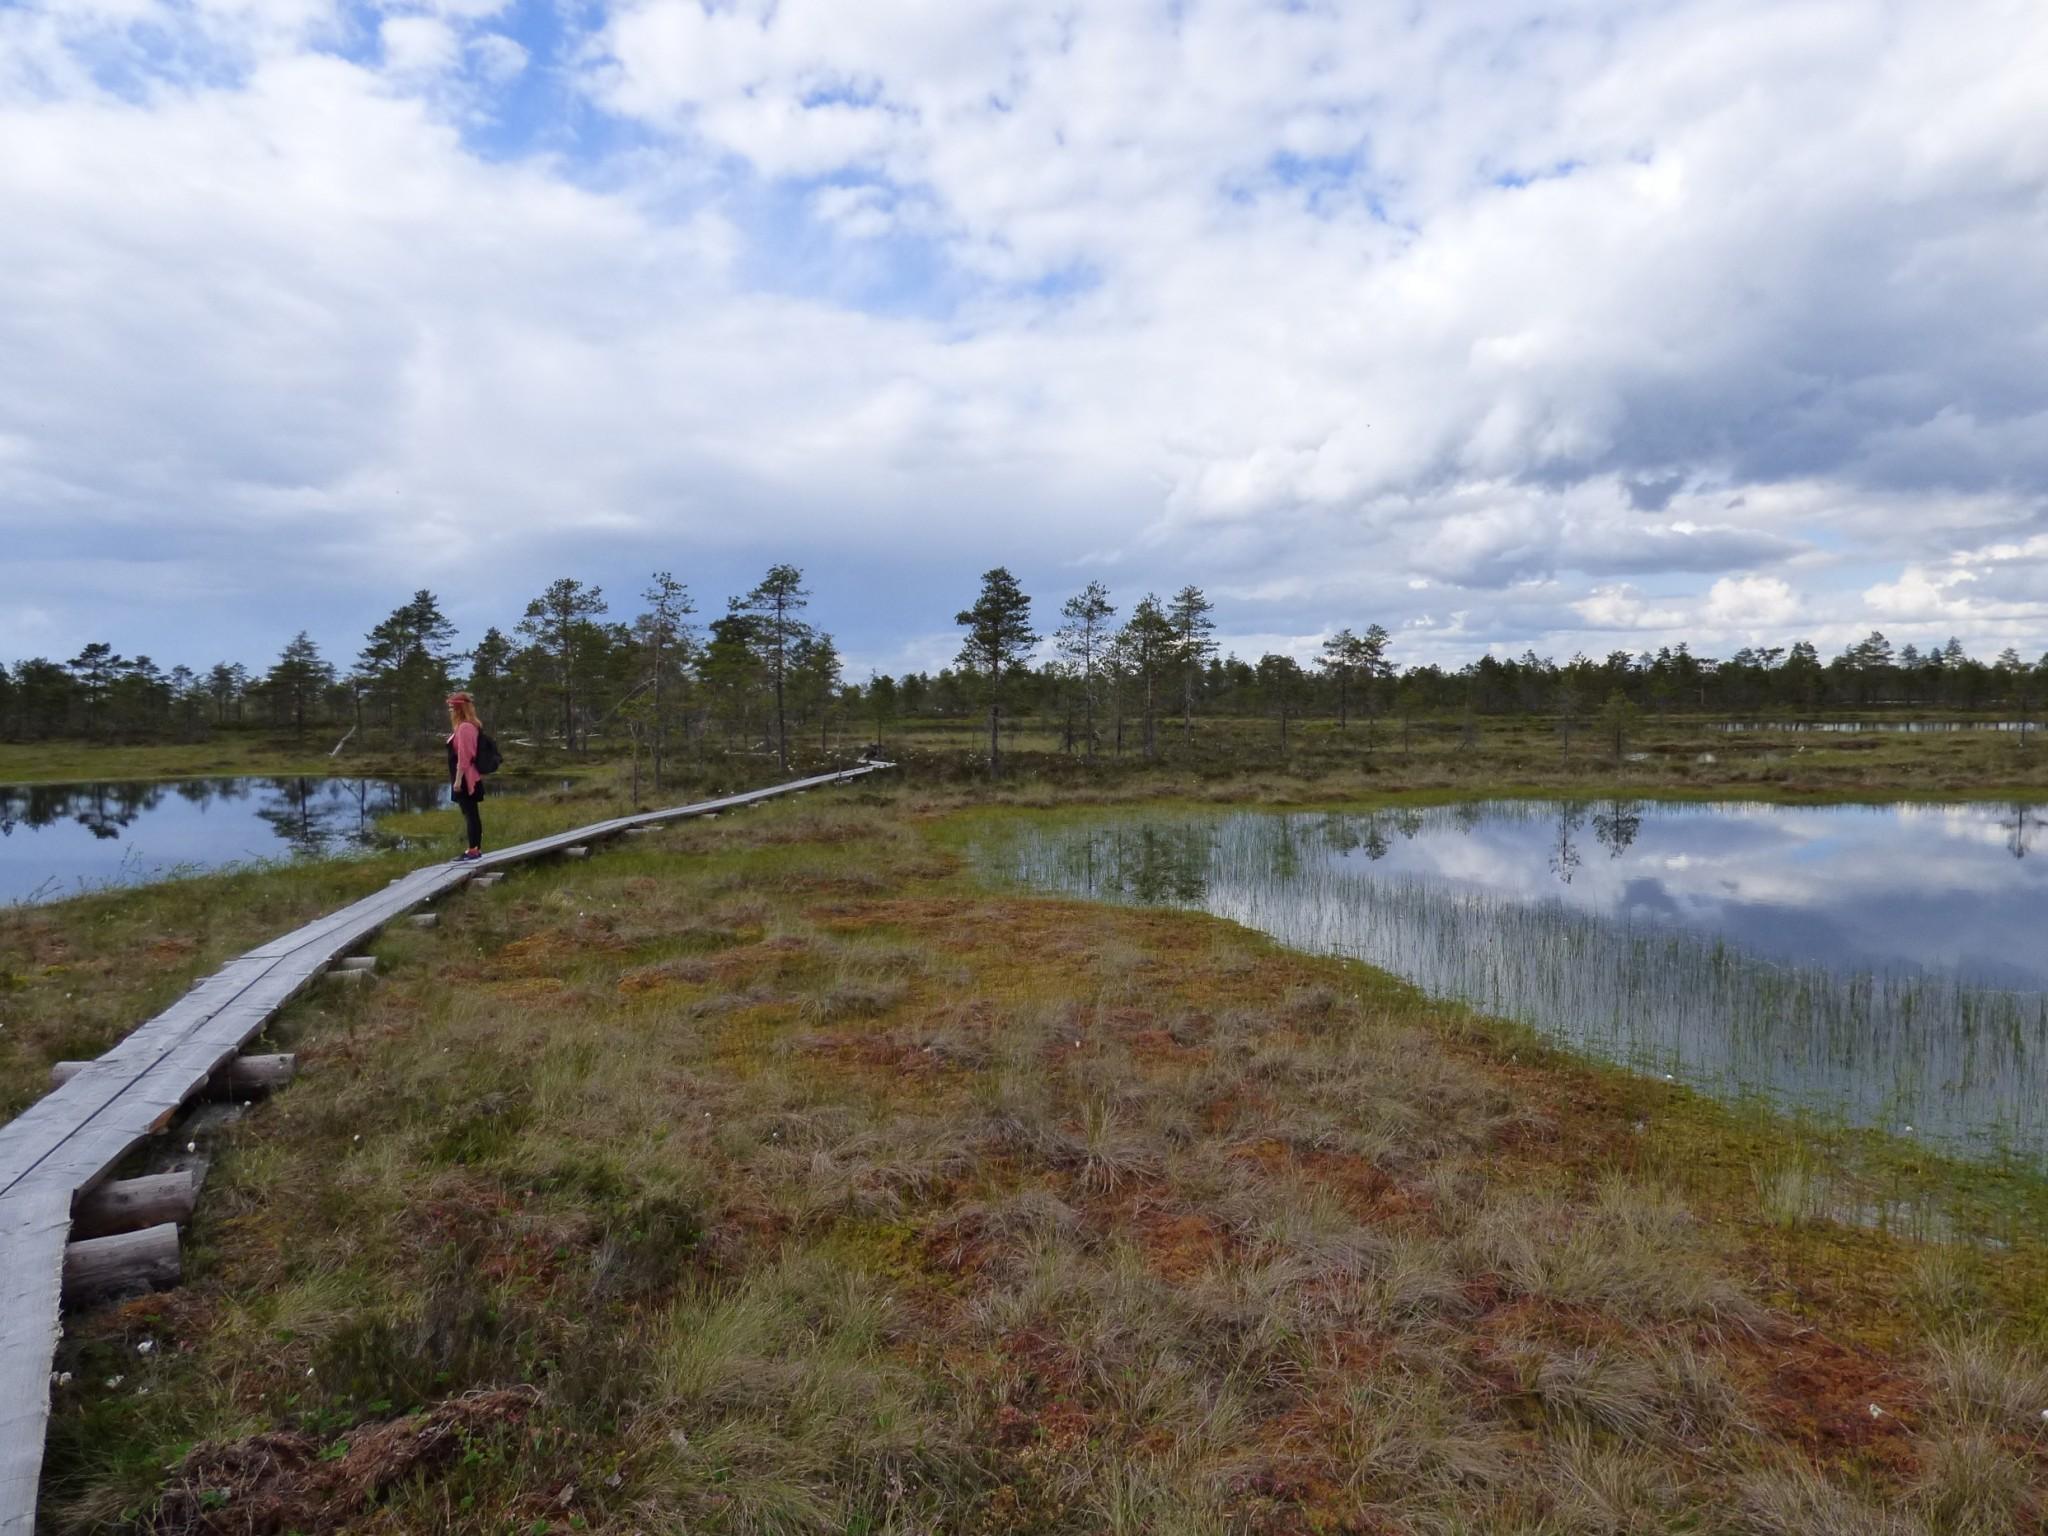 Kauhanevan-Pohjankankaan kansallispusito